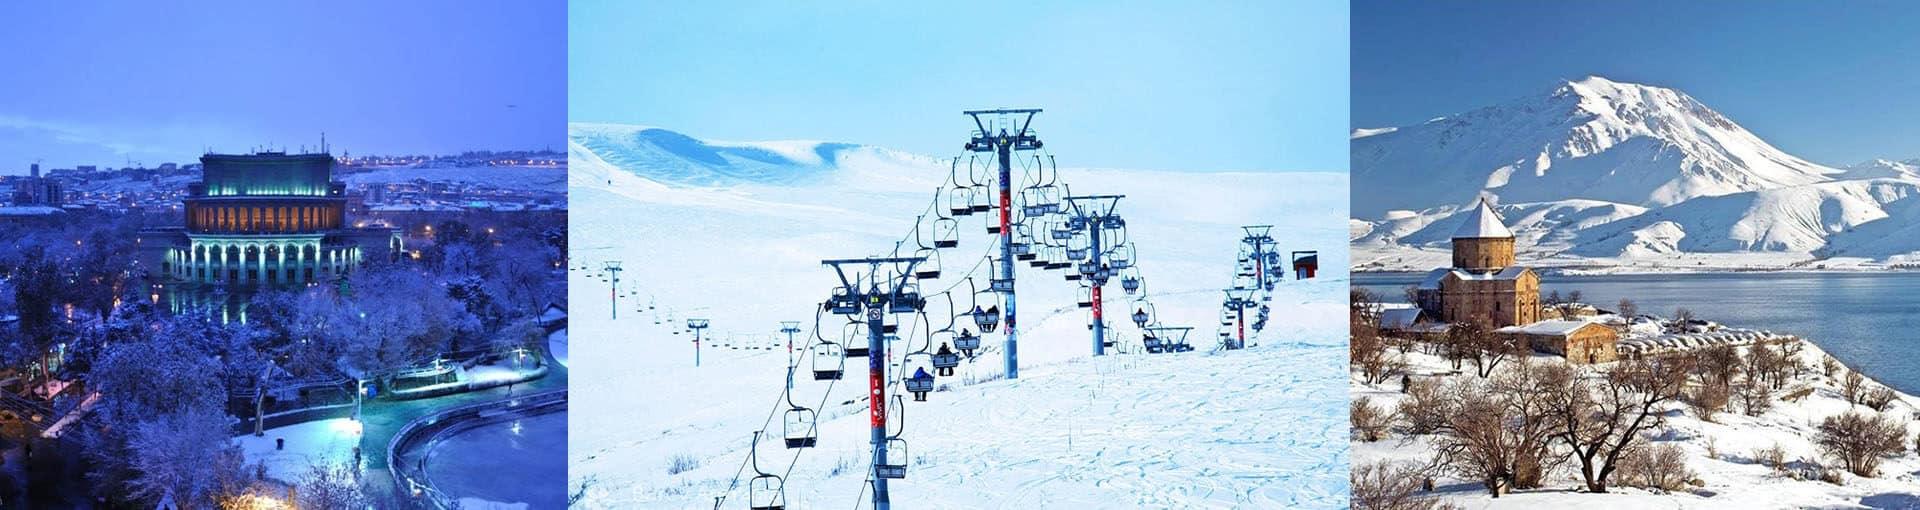 5 unique winter adventures to have in Armenia